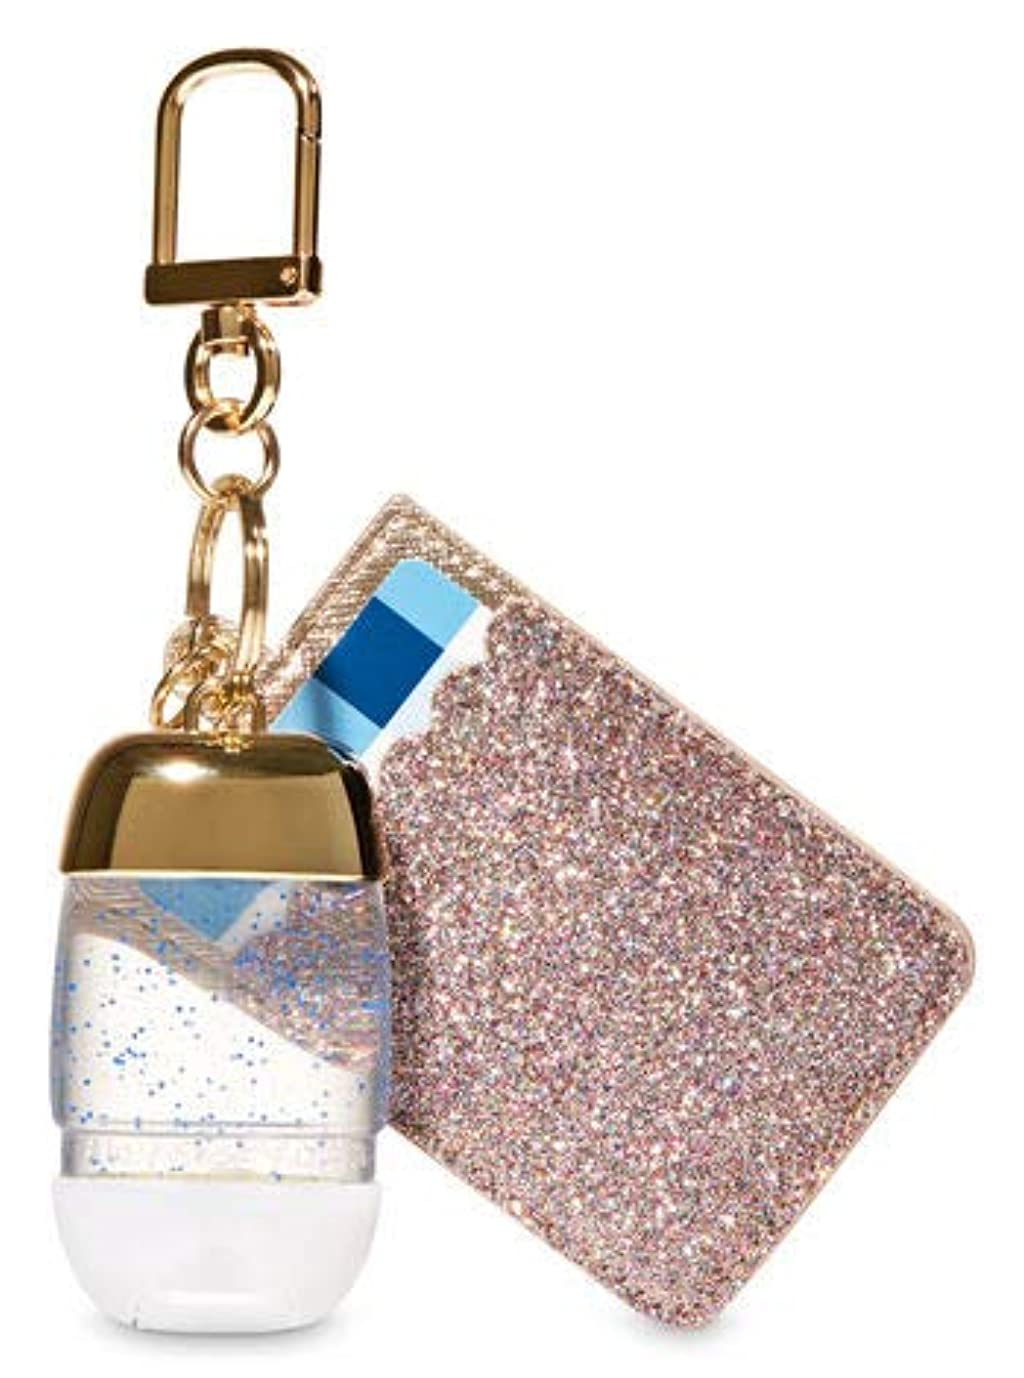 金銭的繁栄期限切れ【Bath&Body Works/バス&ボディワークス】 抗菌ハンドジェルホルダー カードケース グリッターゴールド Credit Card & PocketBac Holder Glitterly Gold [並行輸入品]